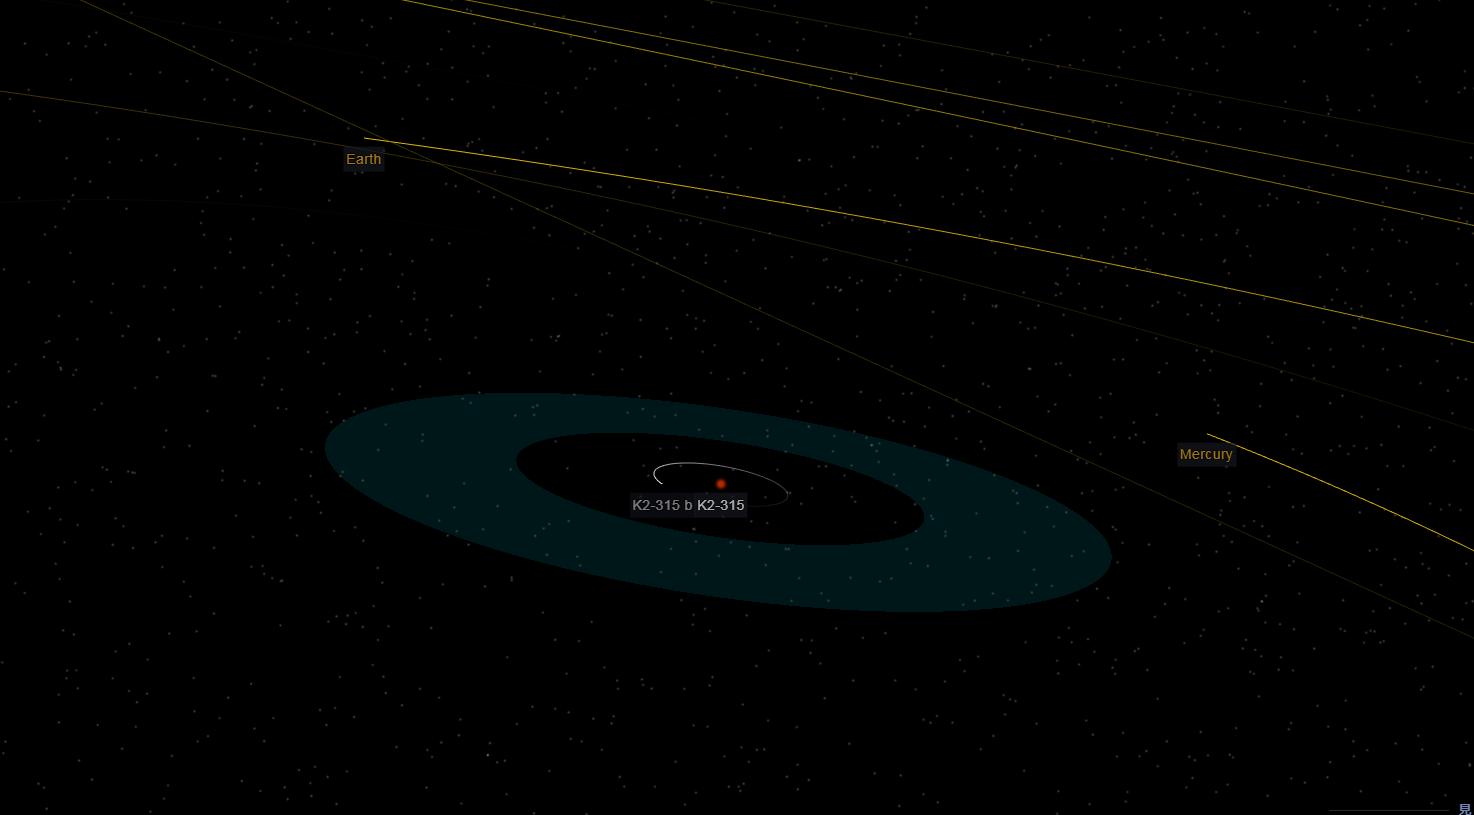 K2-315星系と太陽系の惑星軌道を重ねたイメージ。青色の領域はこの星系のハピタブルゾーン。